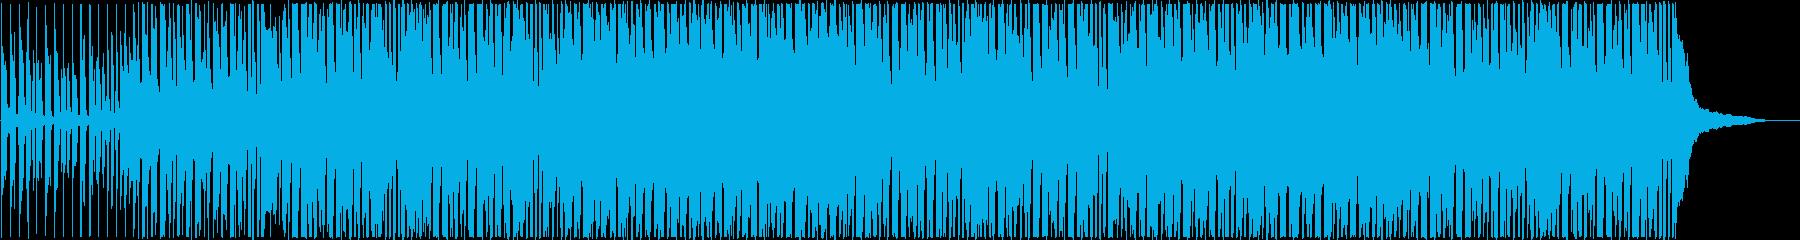 企業VP/CM向け元気で明るい口笛BGMの再生済みの波形